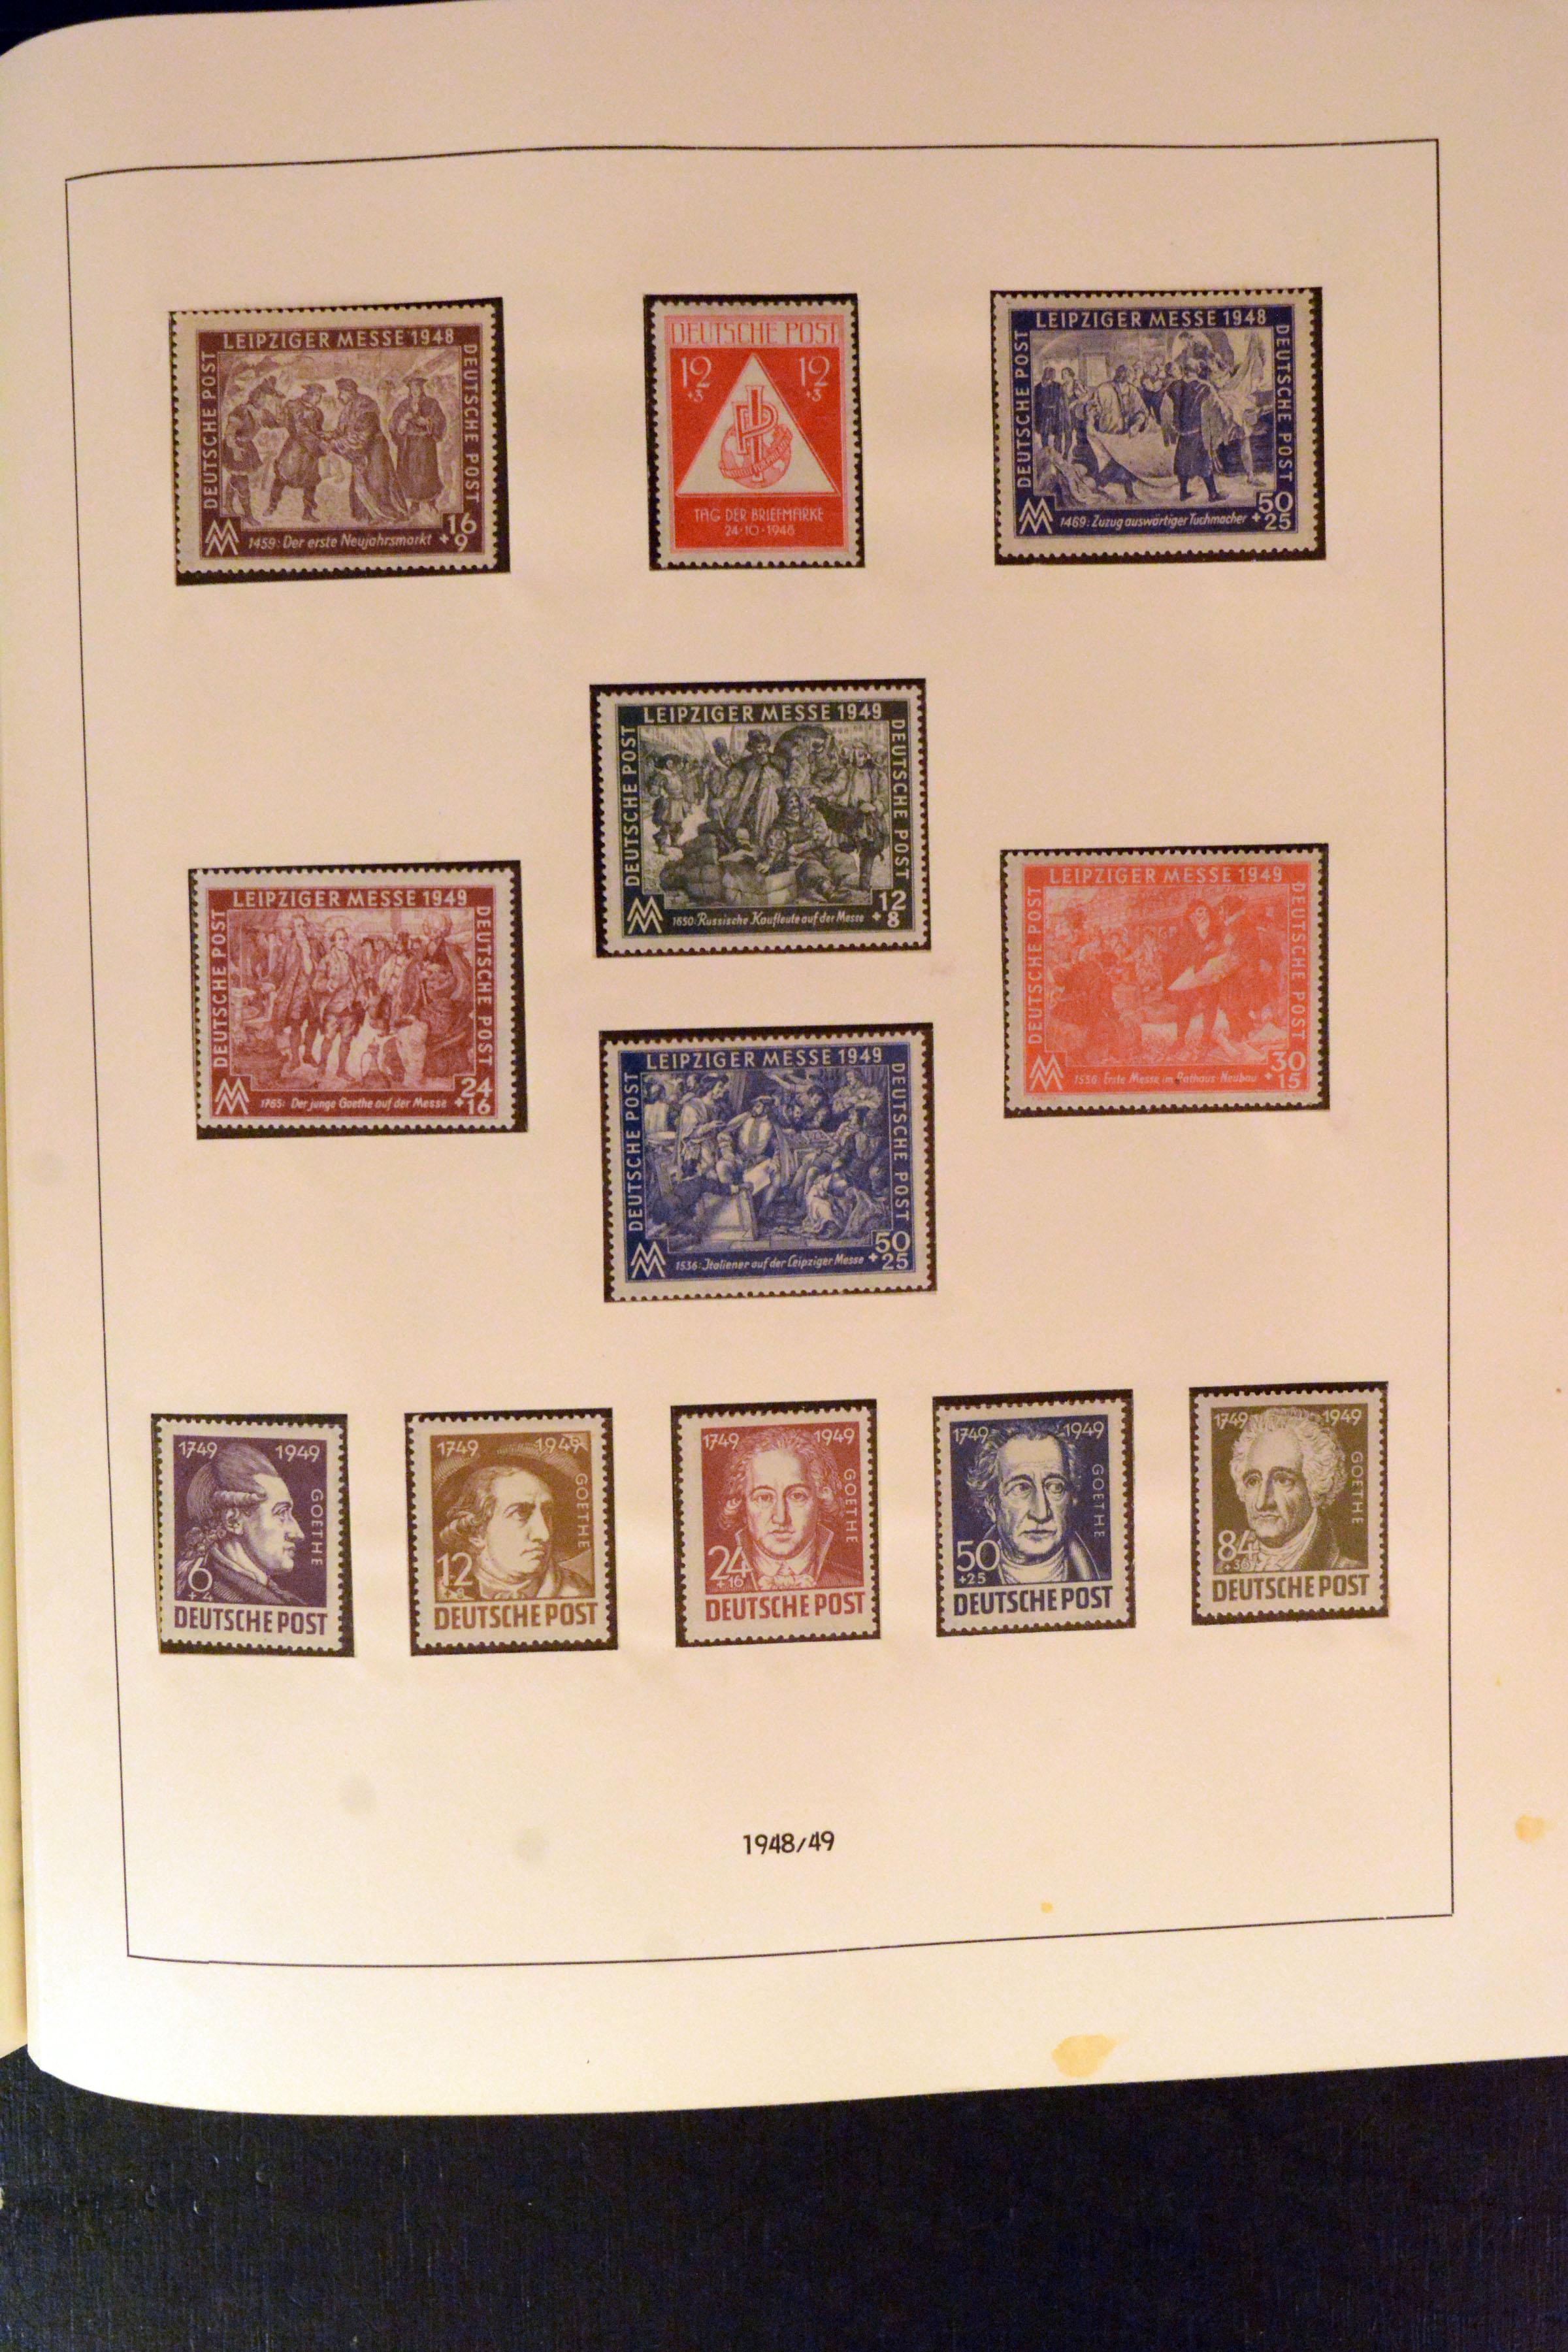 Lot 5134 - germany after 1945 sbz (soviet occupation zone) -  Heinrich Koehler Auktionen Auction #368- Day 3